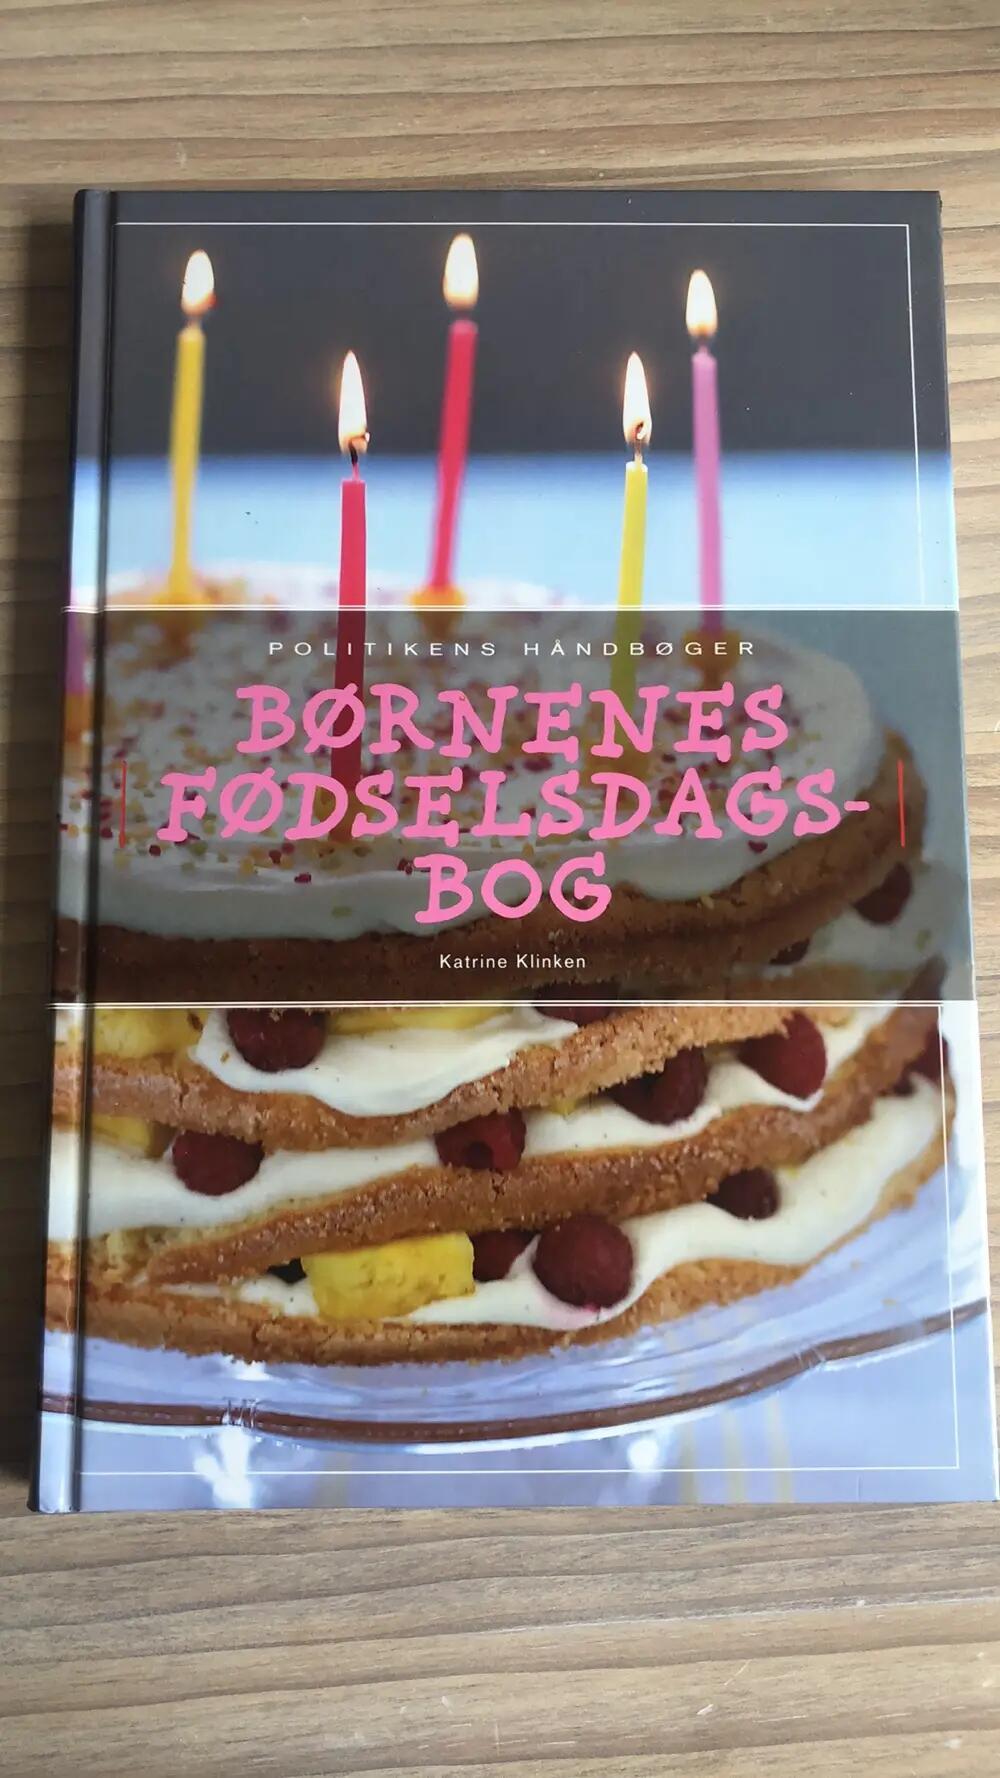 Børnenes fødselsdagsbog Politikens forlag